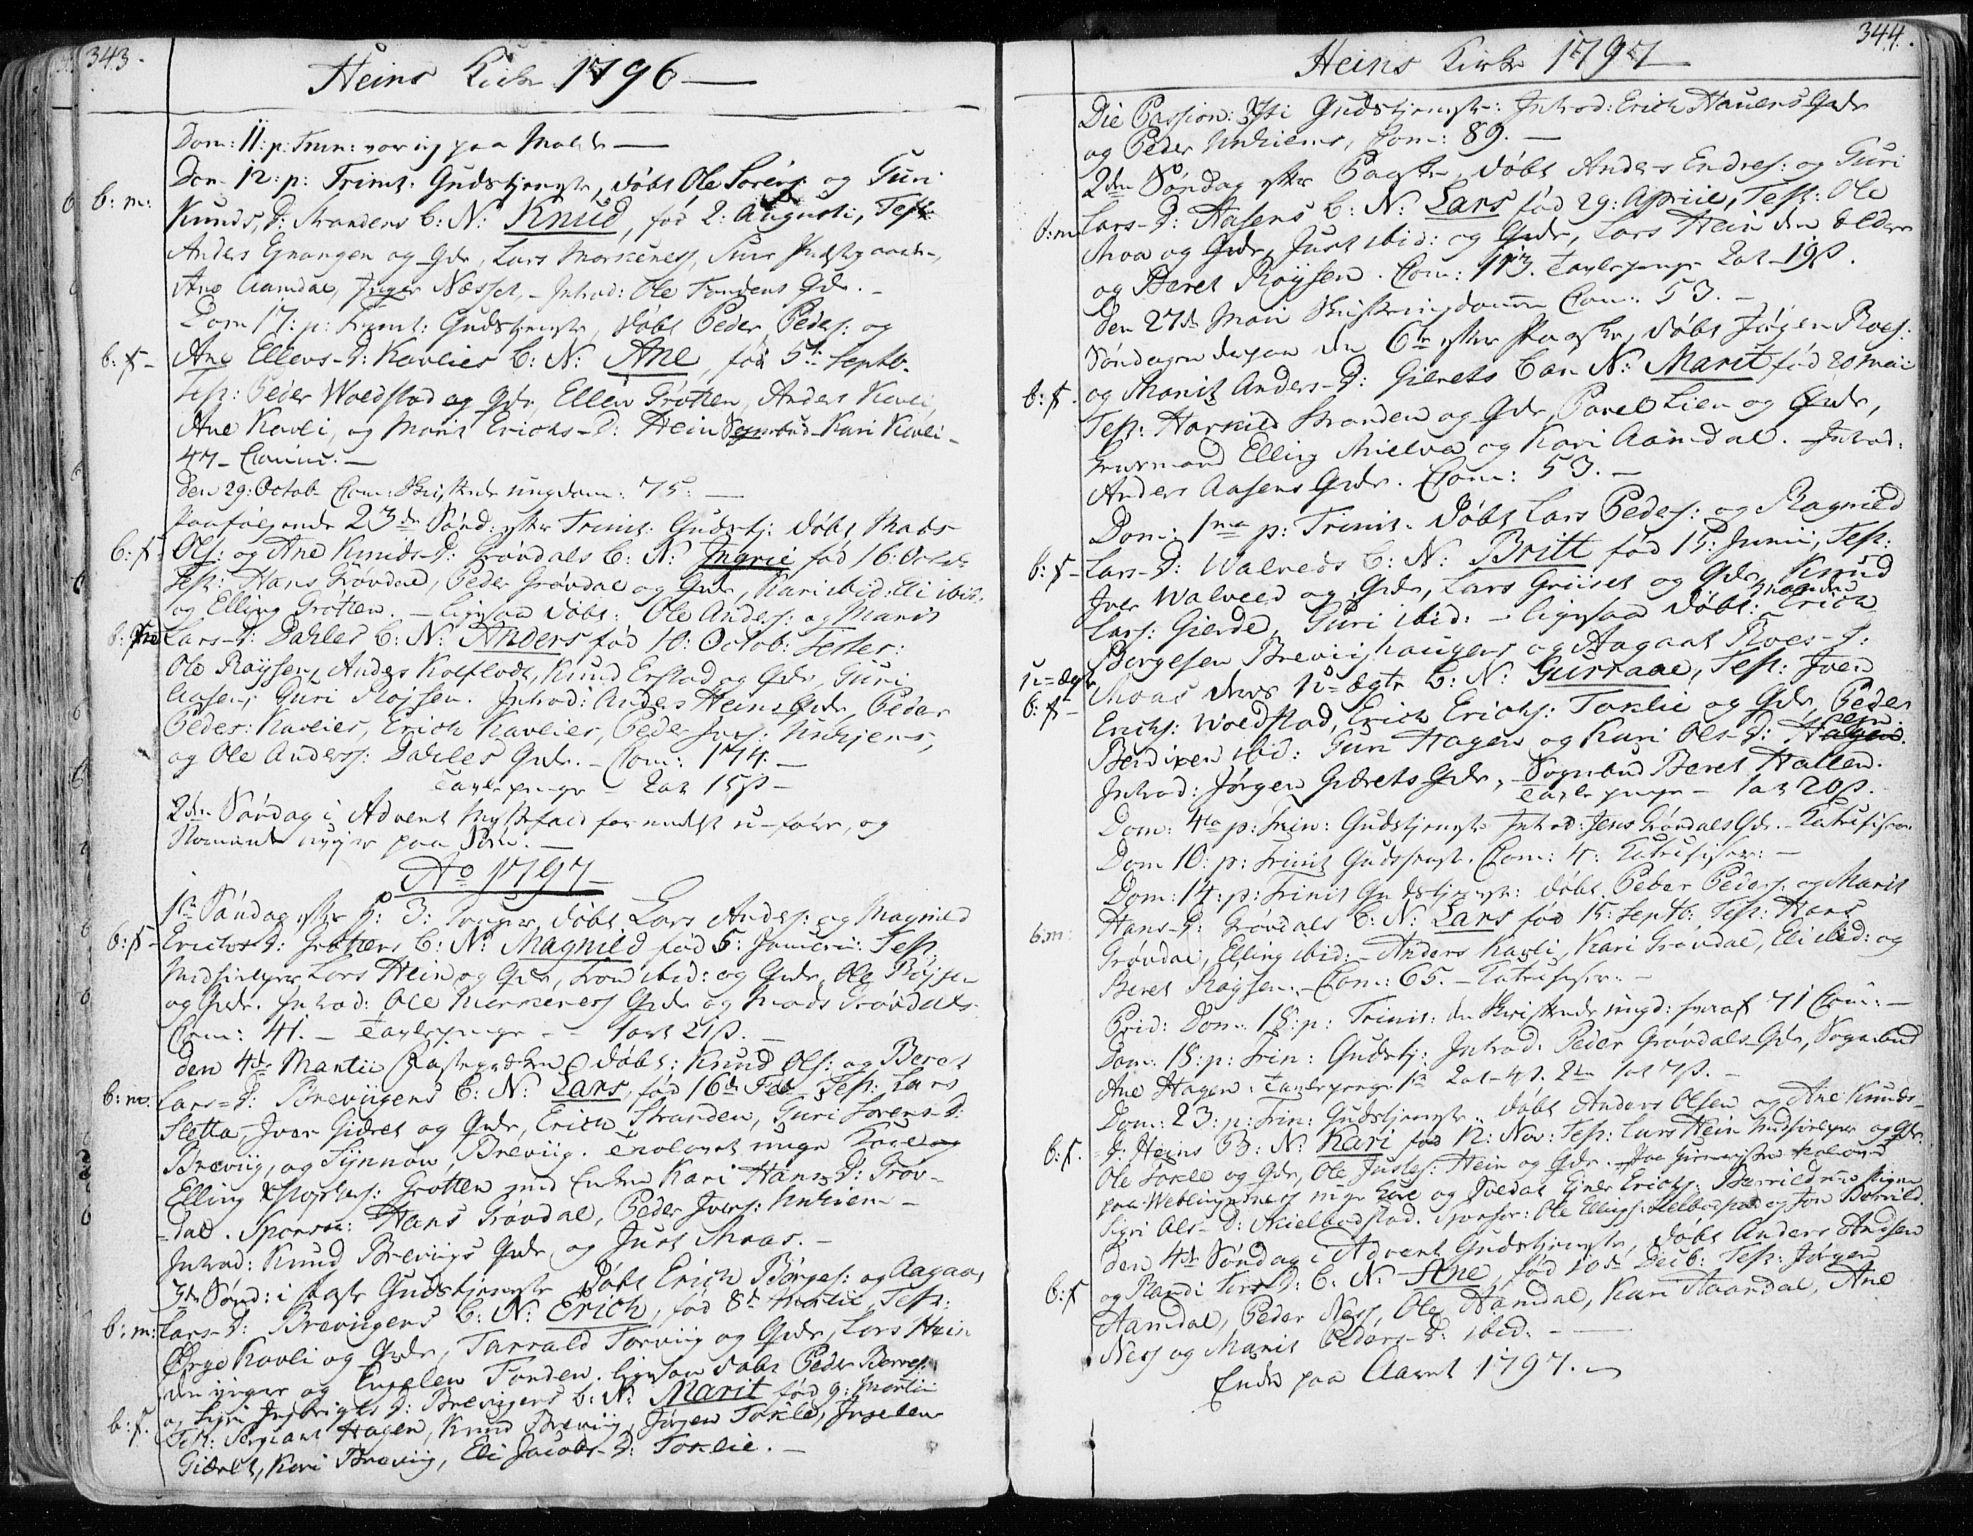 SAT, Ministerialprotokoller, klokkerbøker og fødselsregistre - Møre og Romsdal, 544/L0569: Ministerialbok nr. 544A02, 1764-1806, s. 343-344